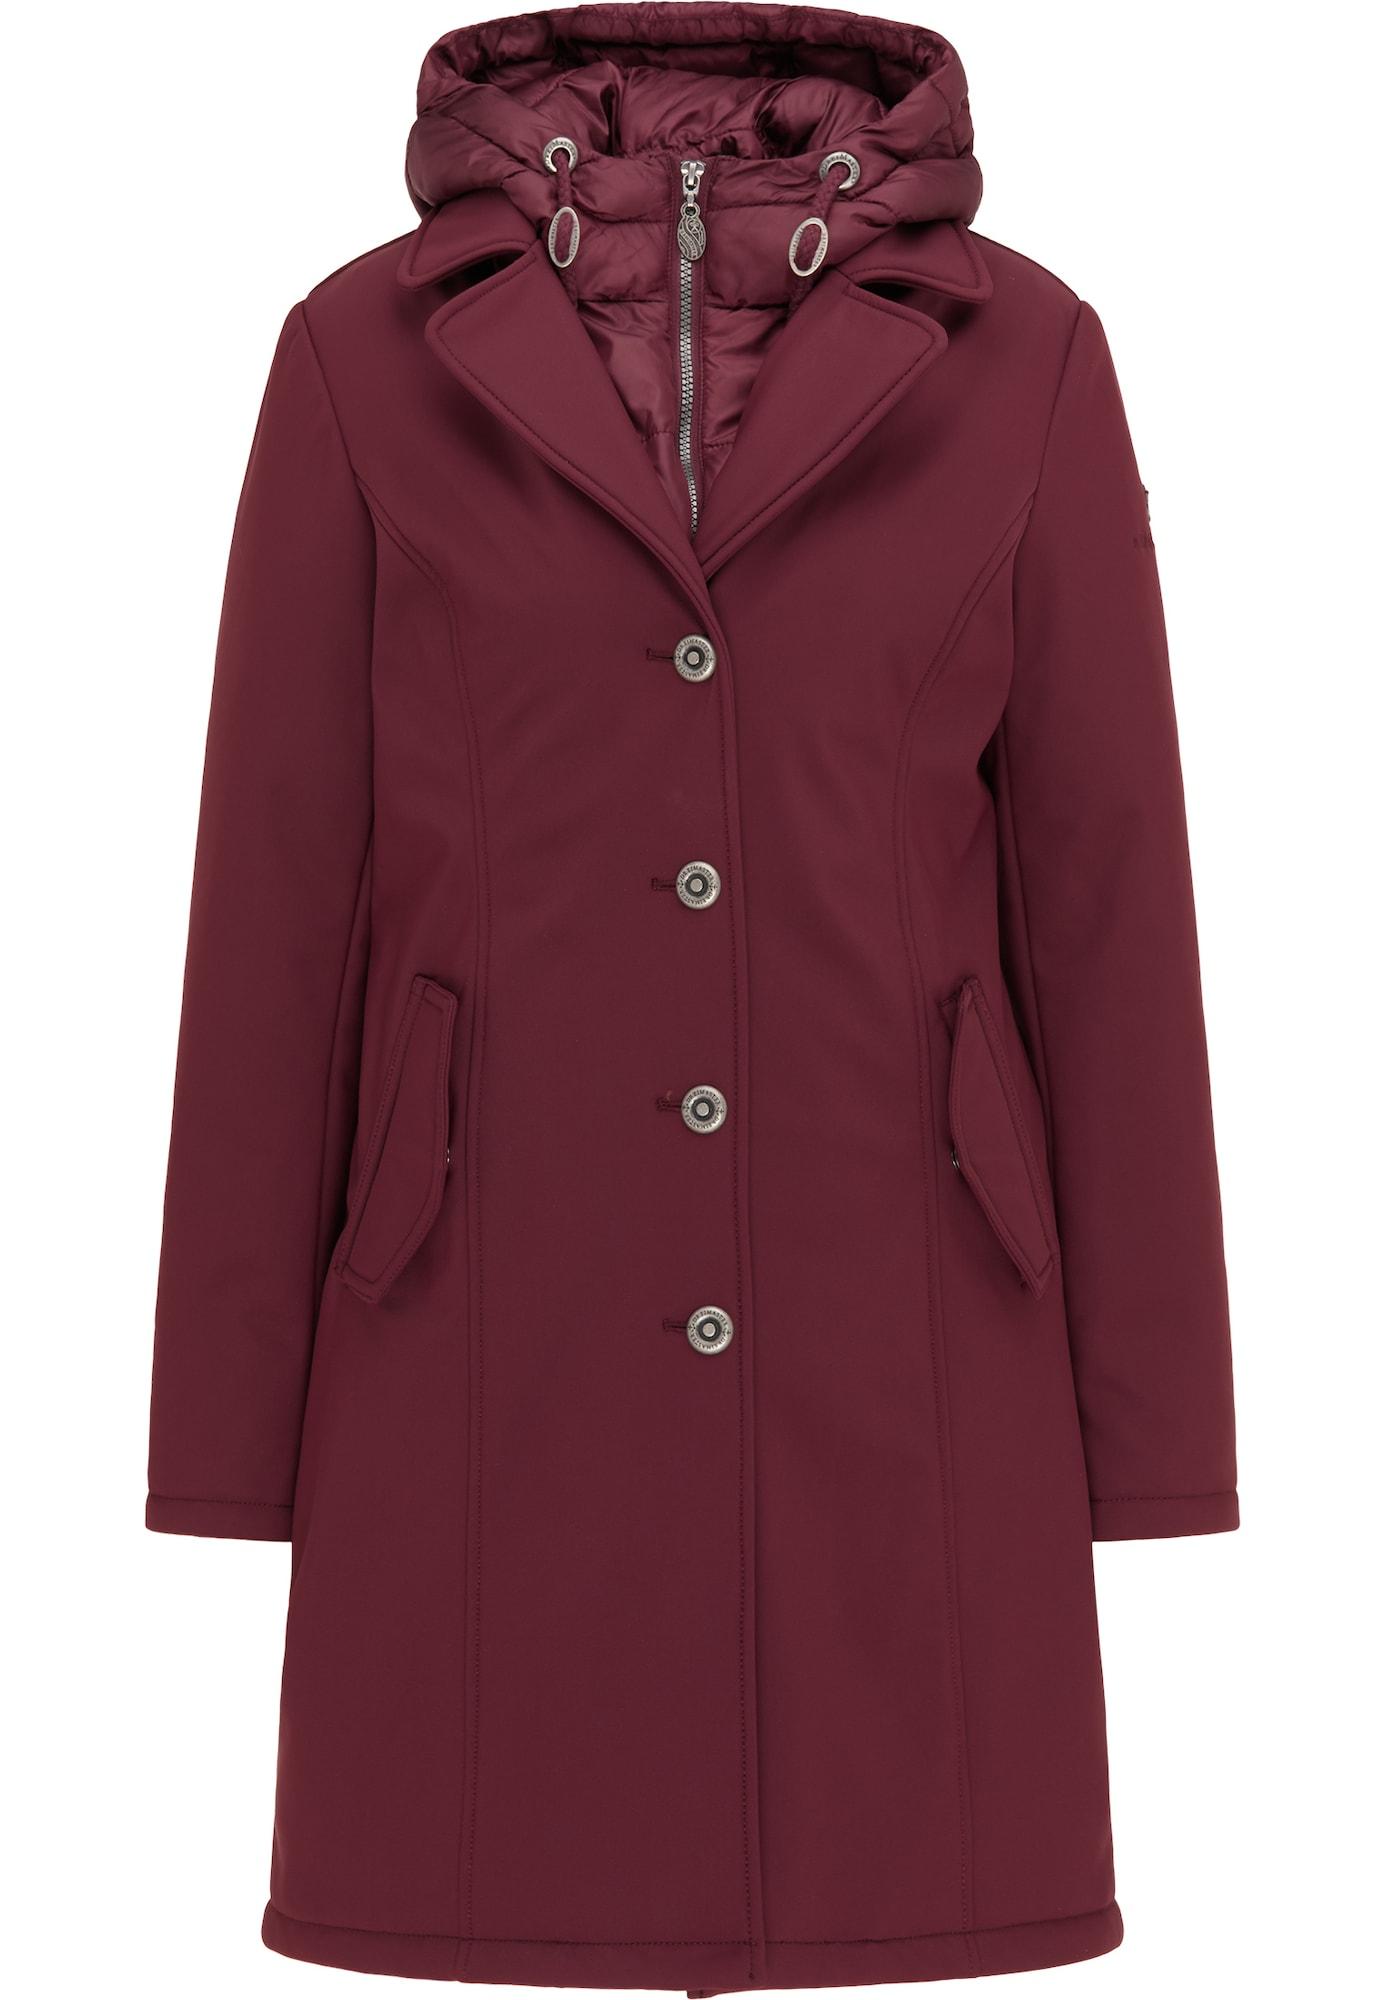 DreiMaster Klassik Žieminis paltas tamsiai raudona